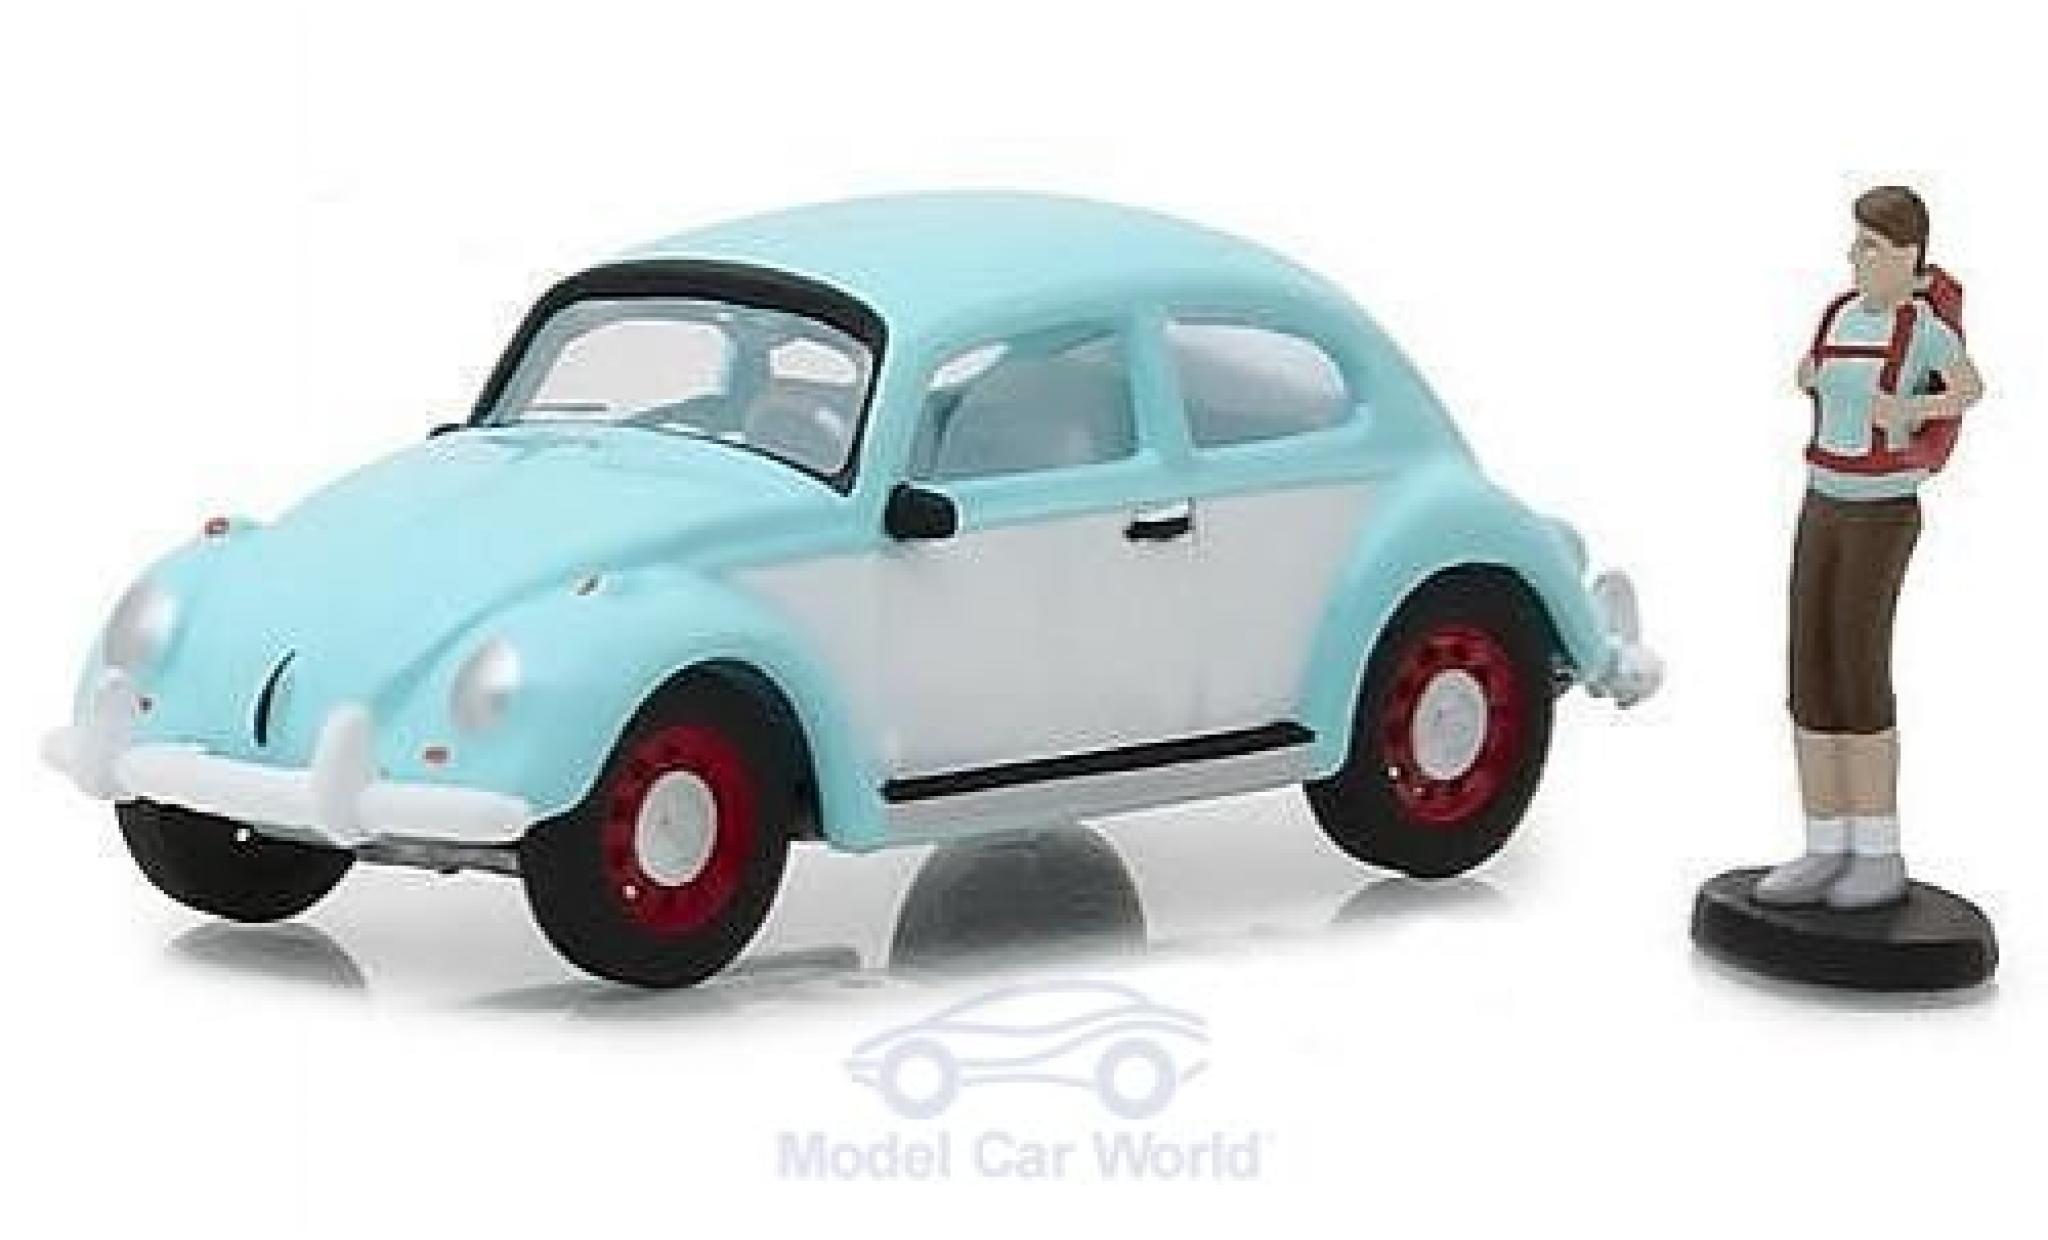 Volkswagen Beetle 1/64 Greenlight hellblue/white mit einer männlichen Figur